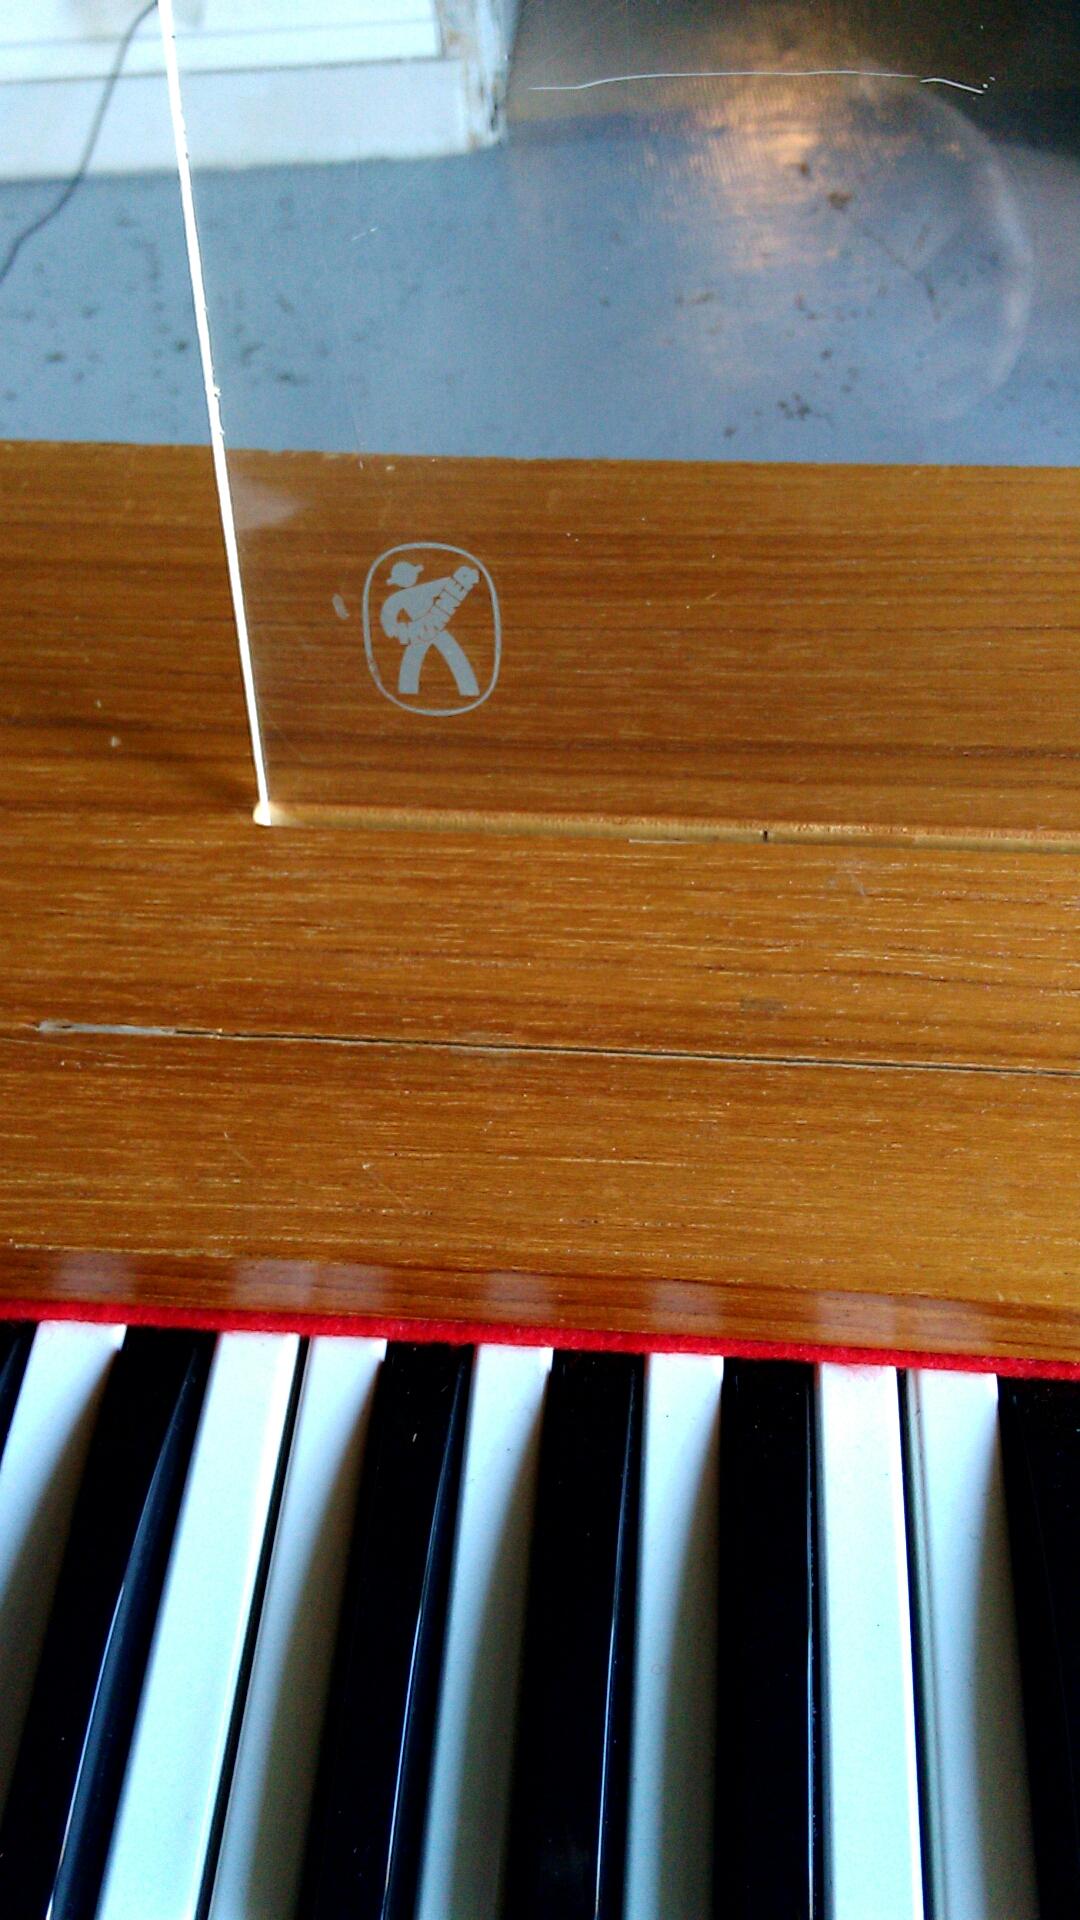 hohner clavinet d6 image 1751434 audiofanzine. Black Bedroom Furniture Sets. Home Design Ideas